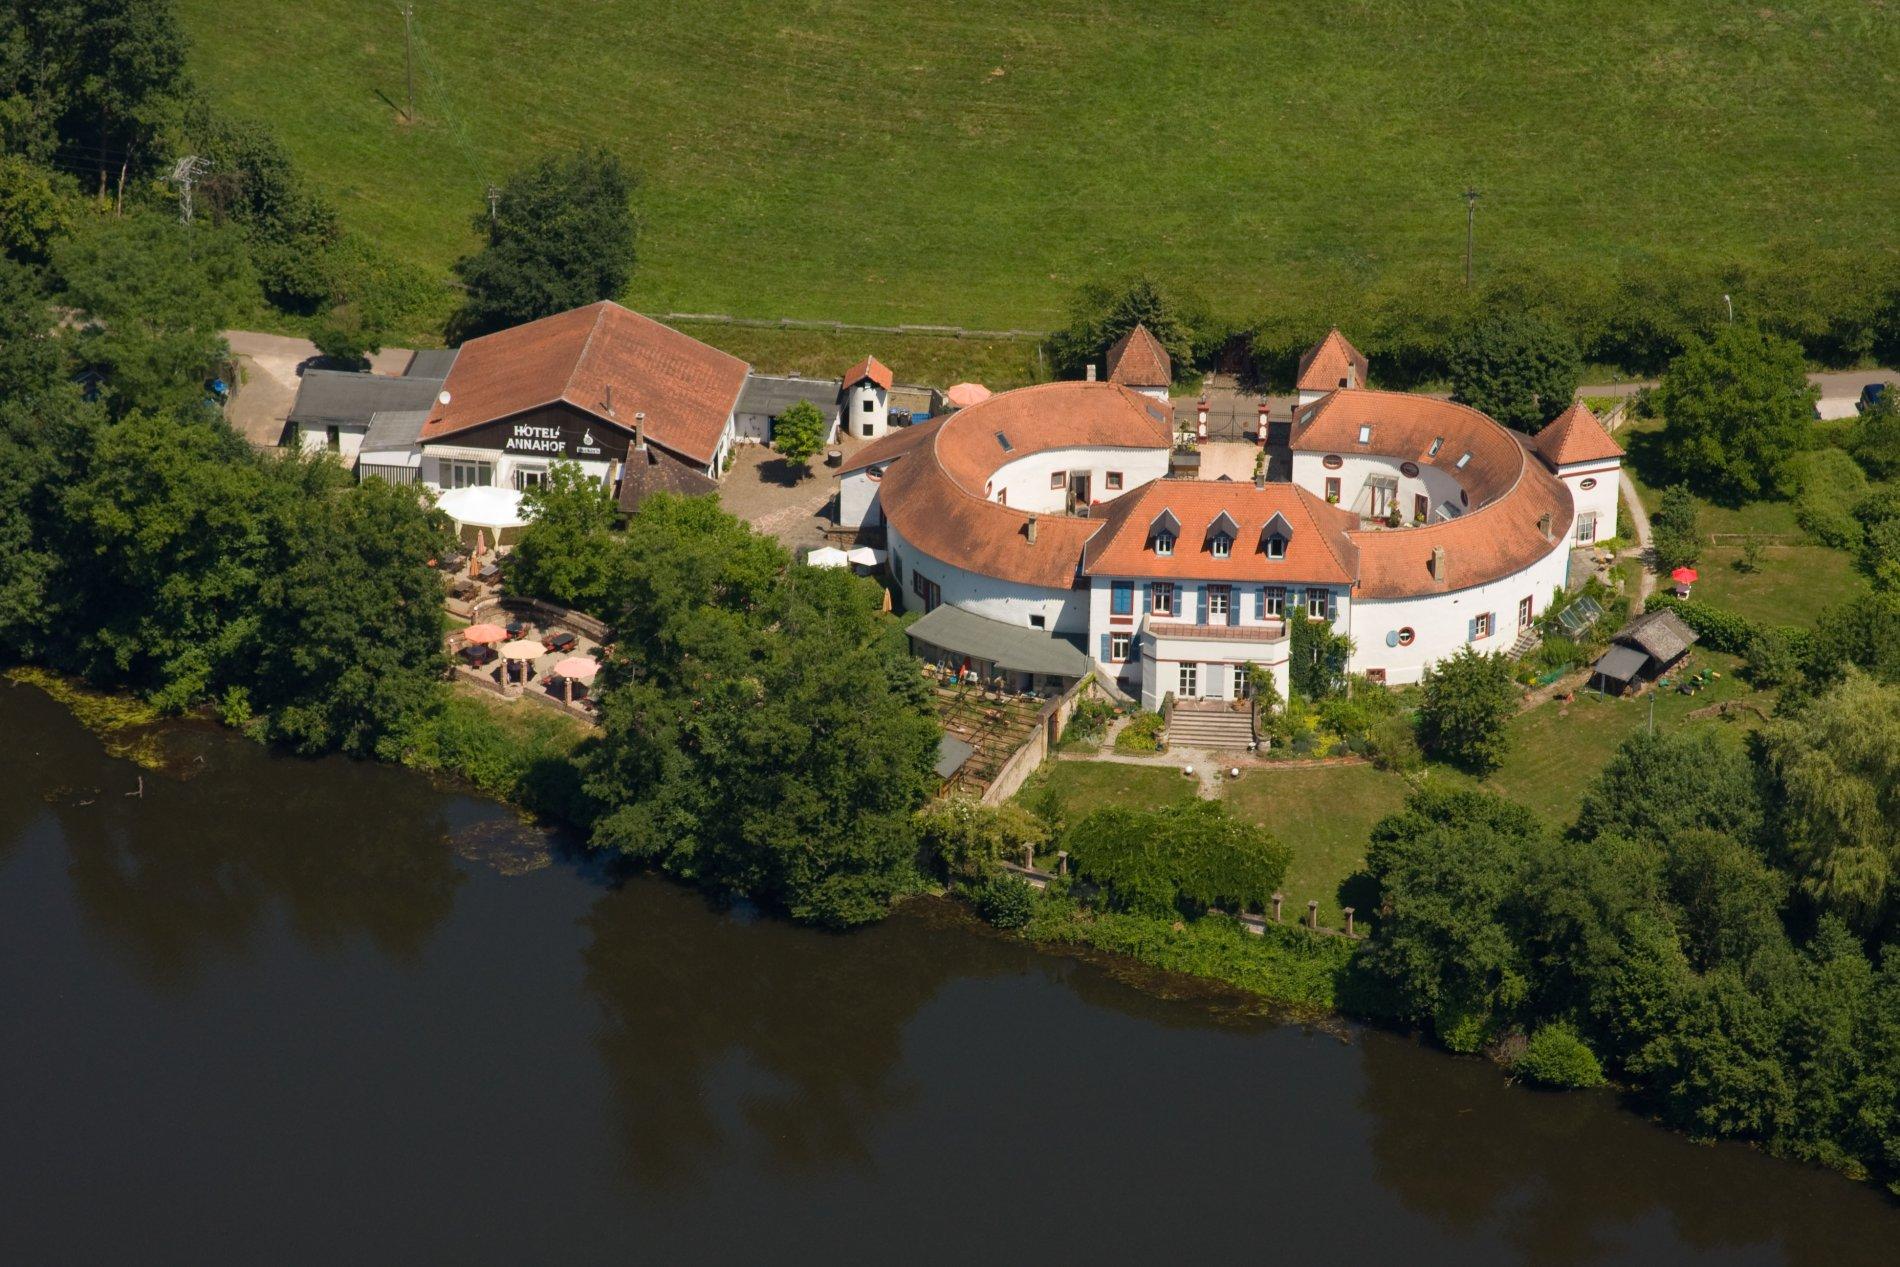 Luftbild Annahof